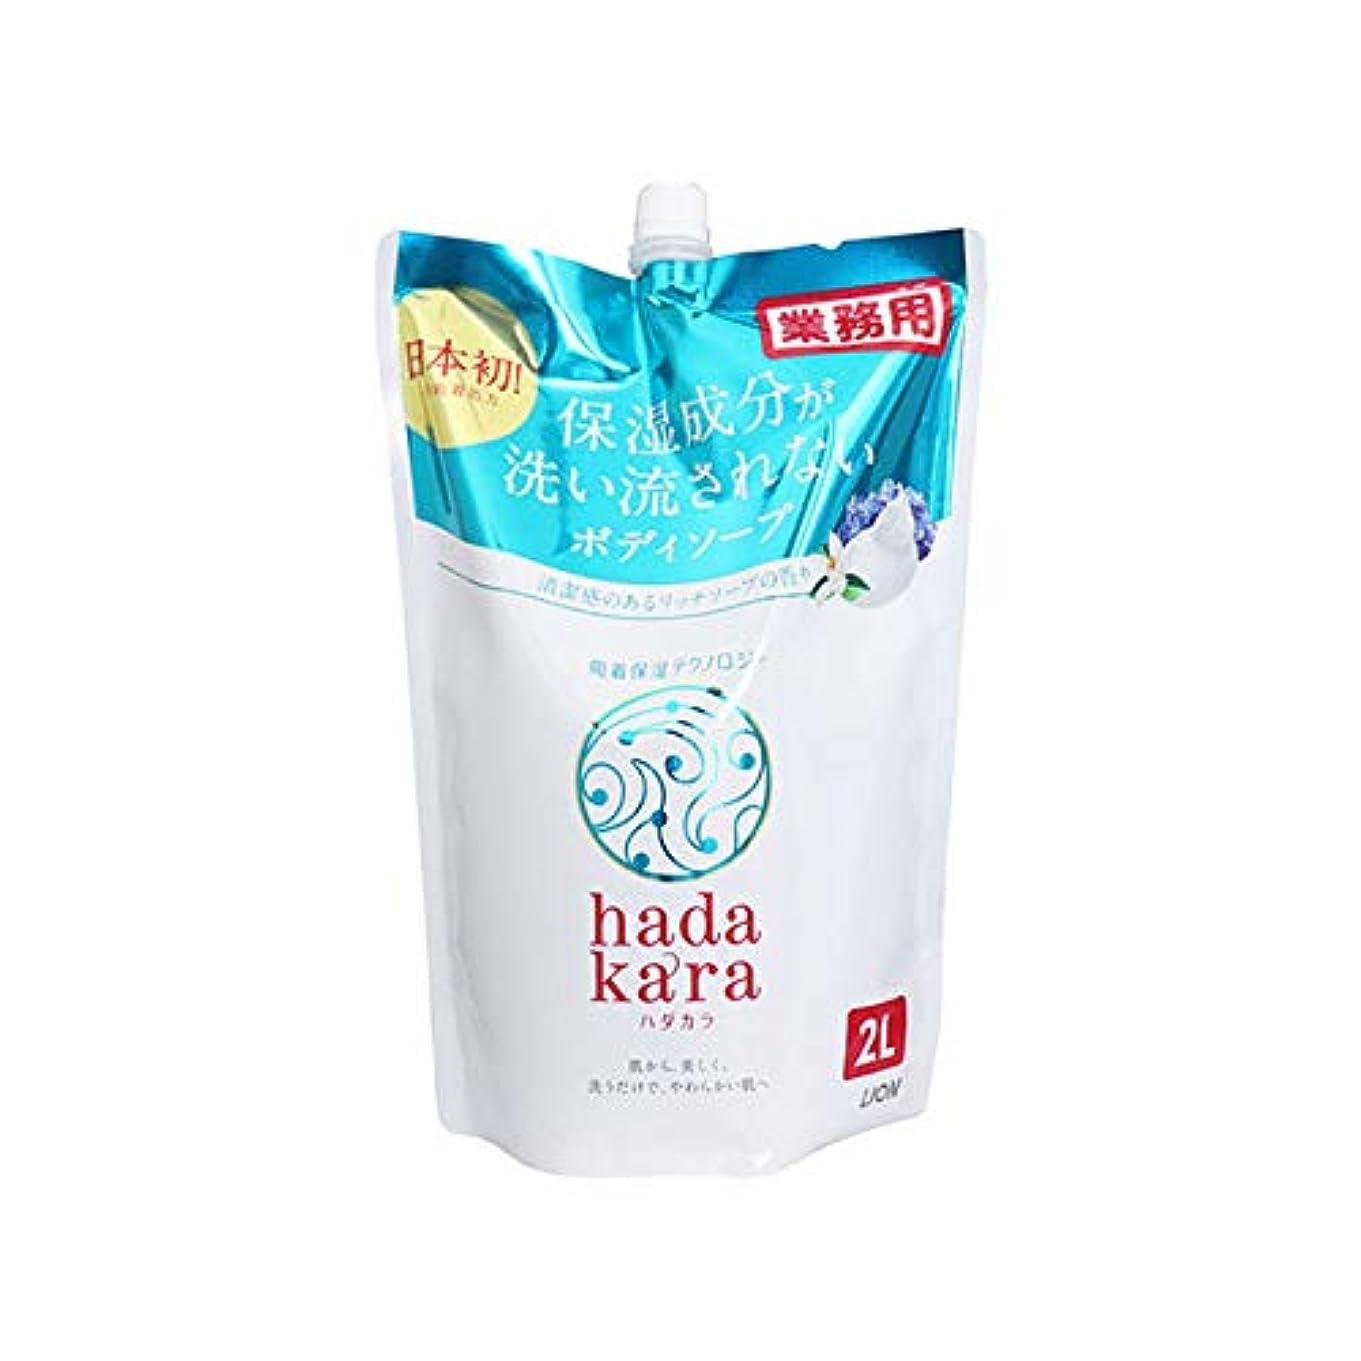 るレンチ甲虫業務用 ボディーソープ ハダカラ hadakara ボディソープ リッチソープの香り 2LX6本 ライオン